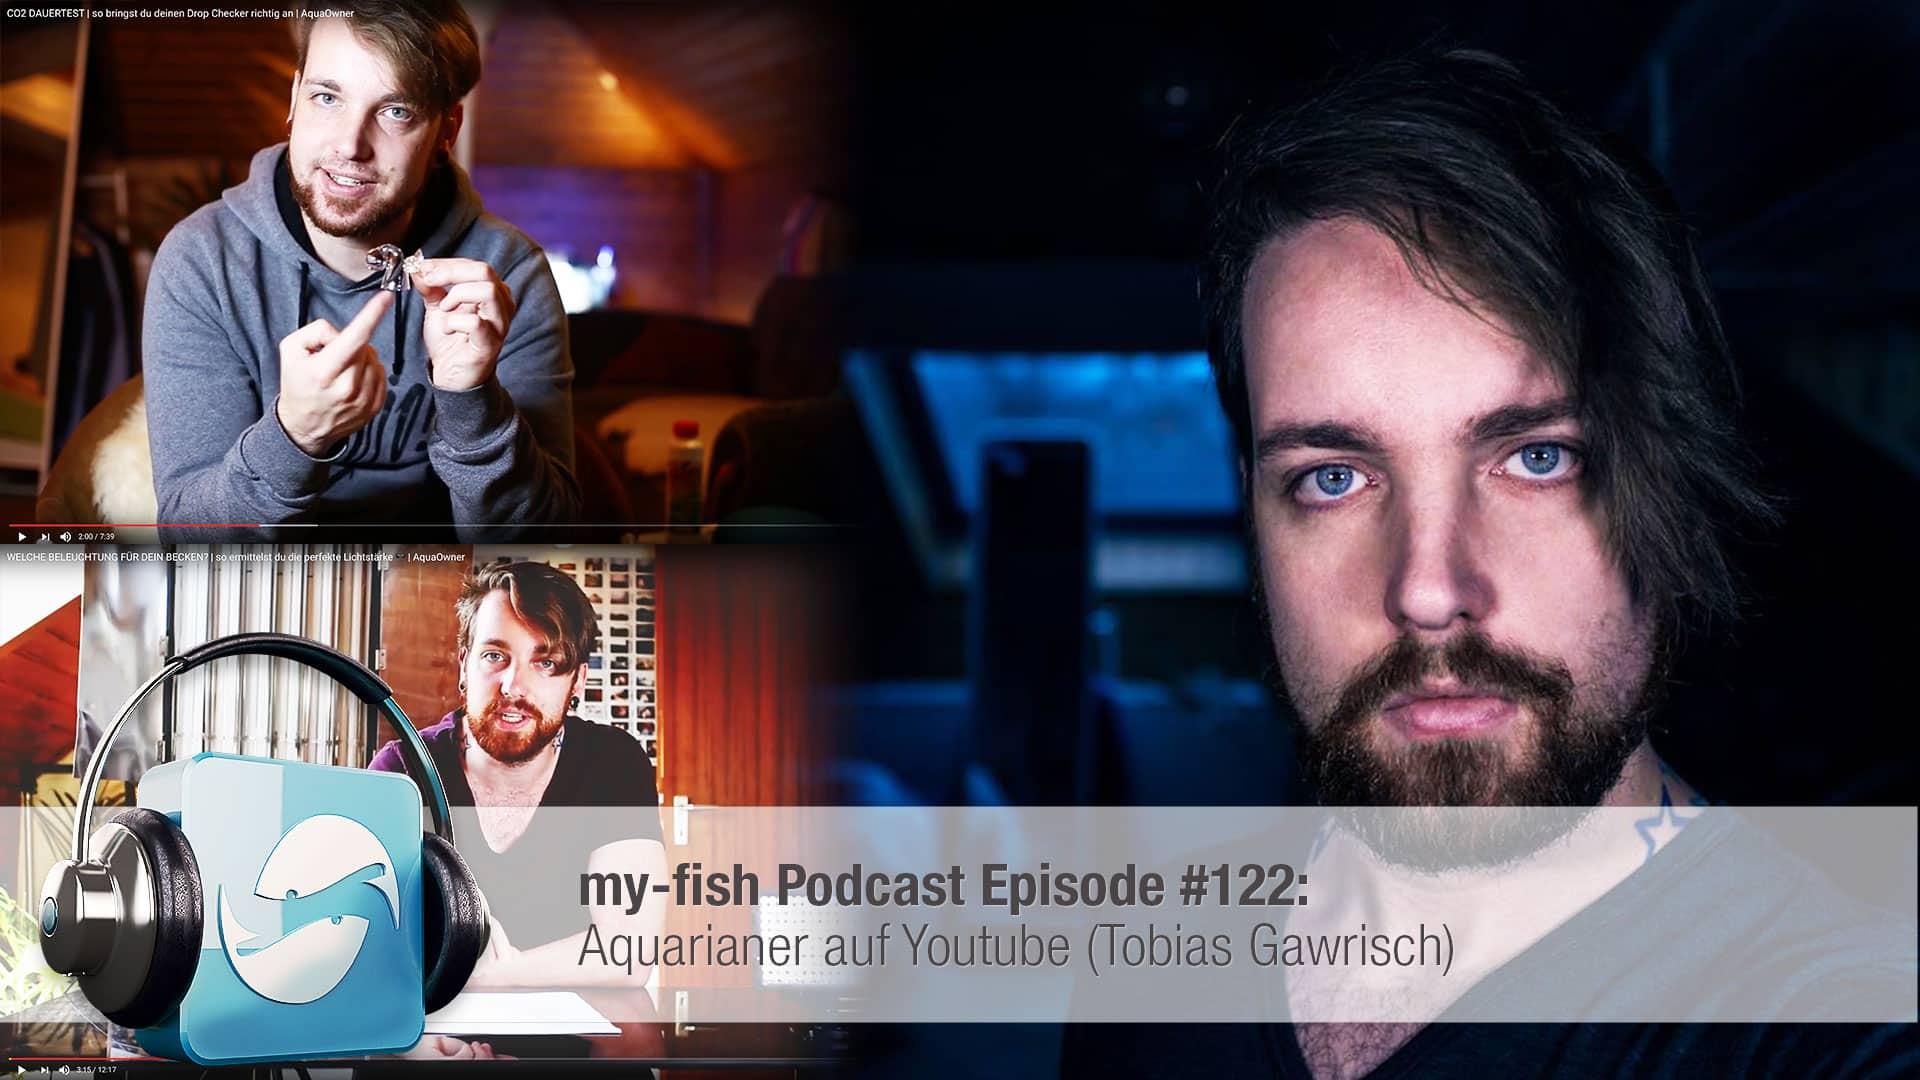 Podcast Episode #122: Aquarianer auf Youtube (Tobias Gawrisch) 10